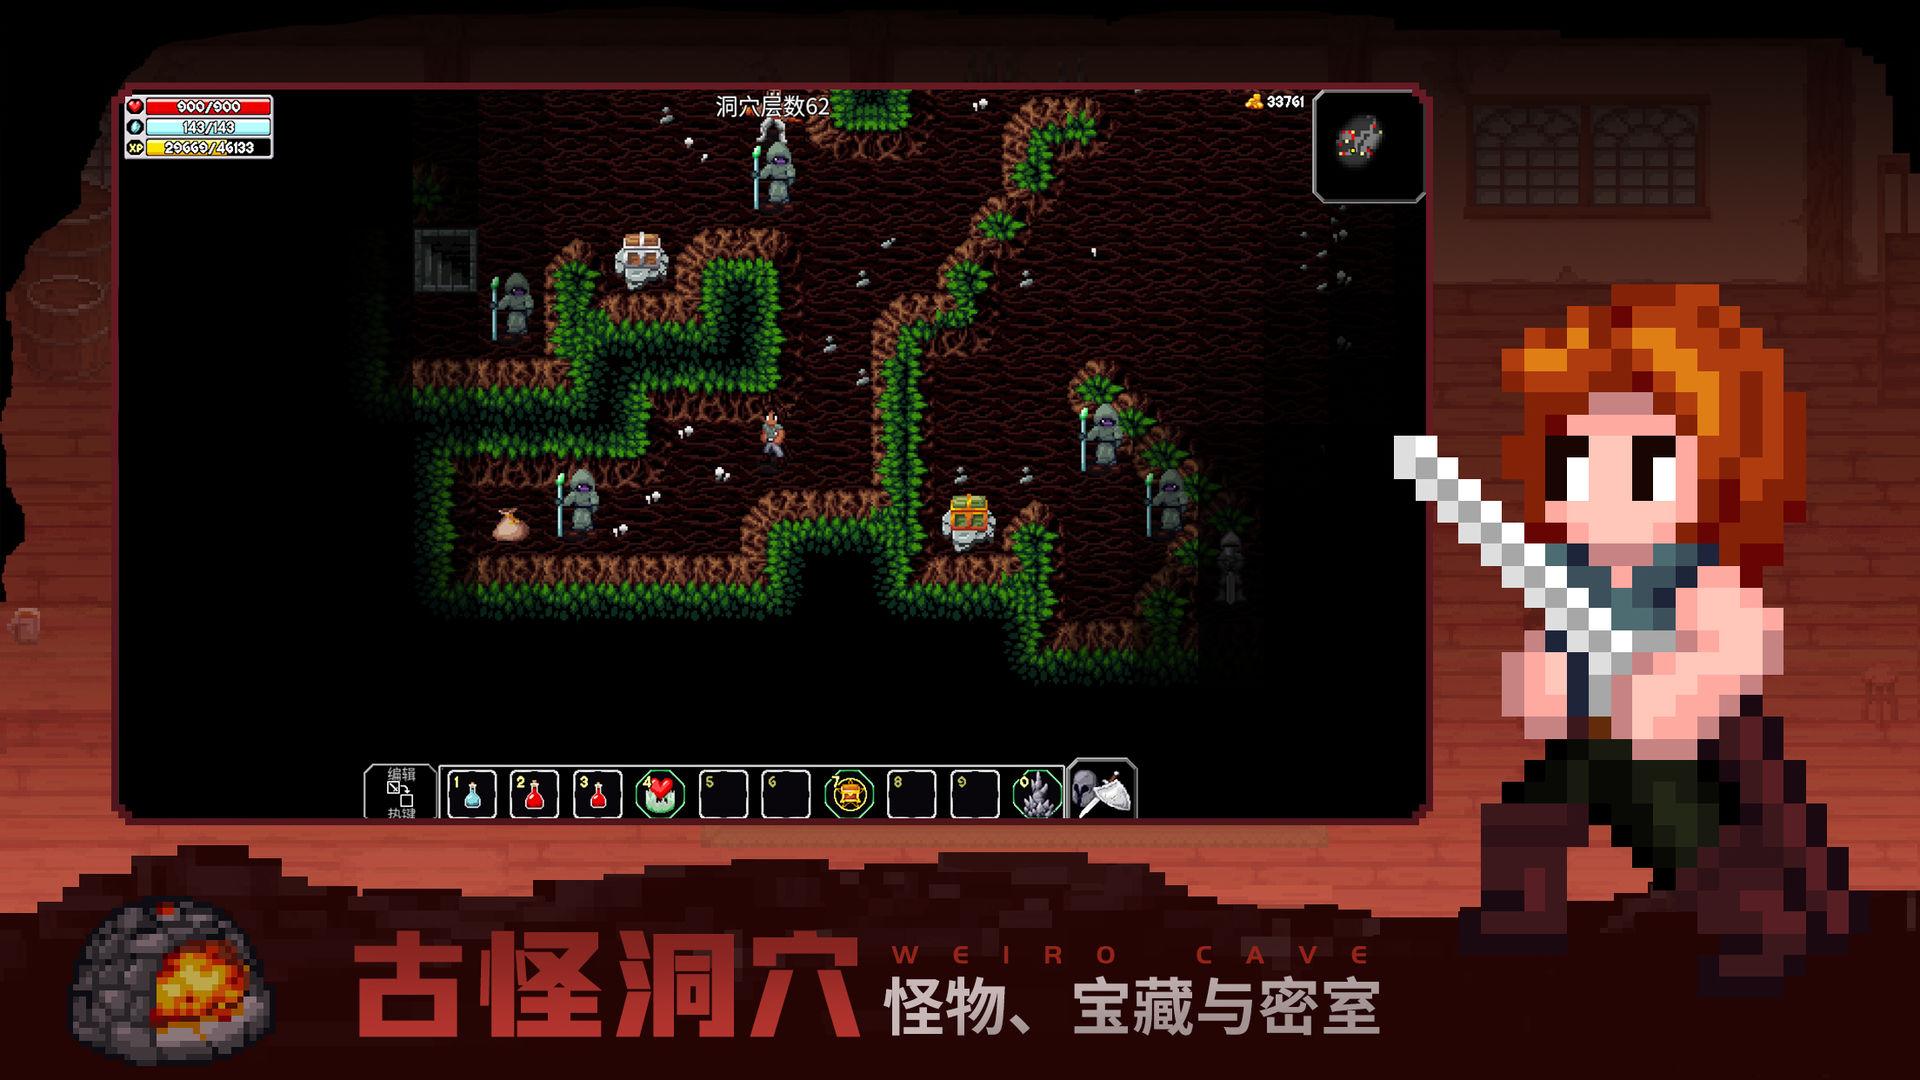 魔法洞穴2手机版无内购纯单机游戏下载图片1